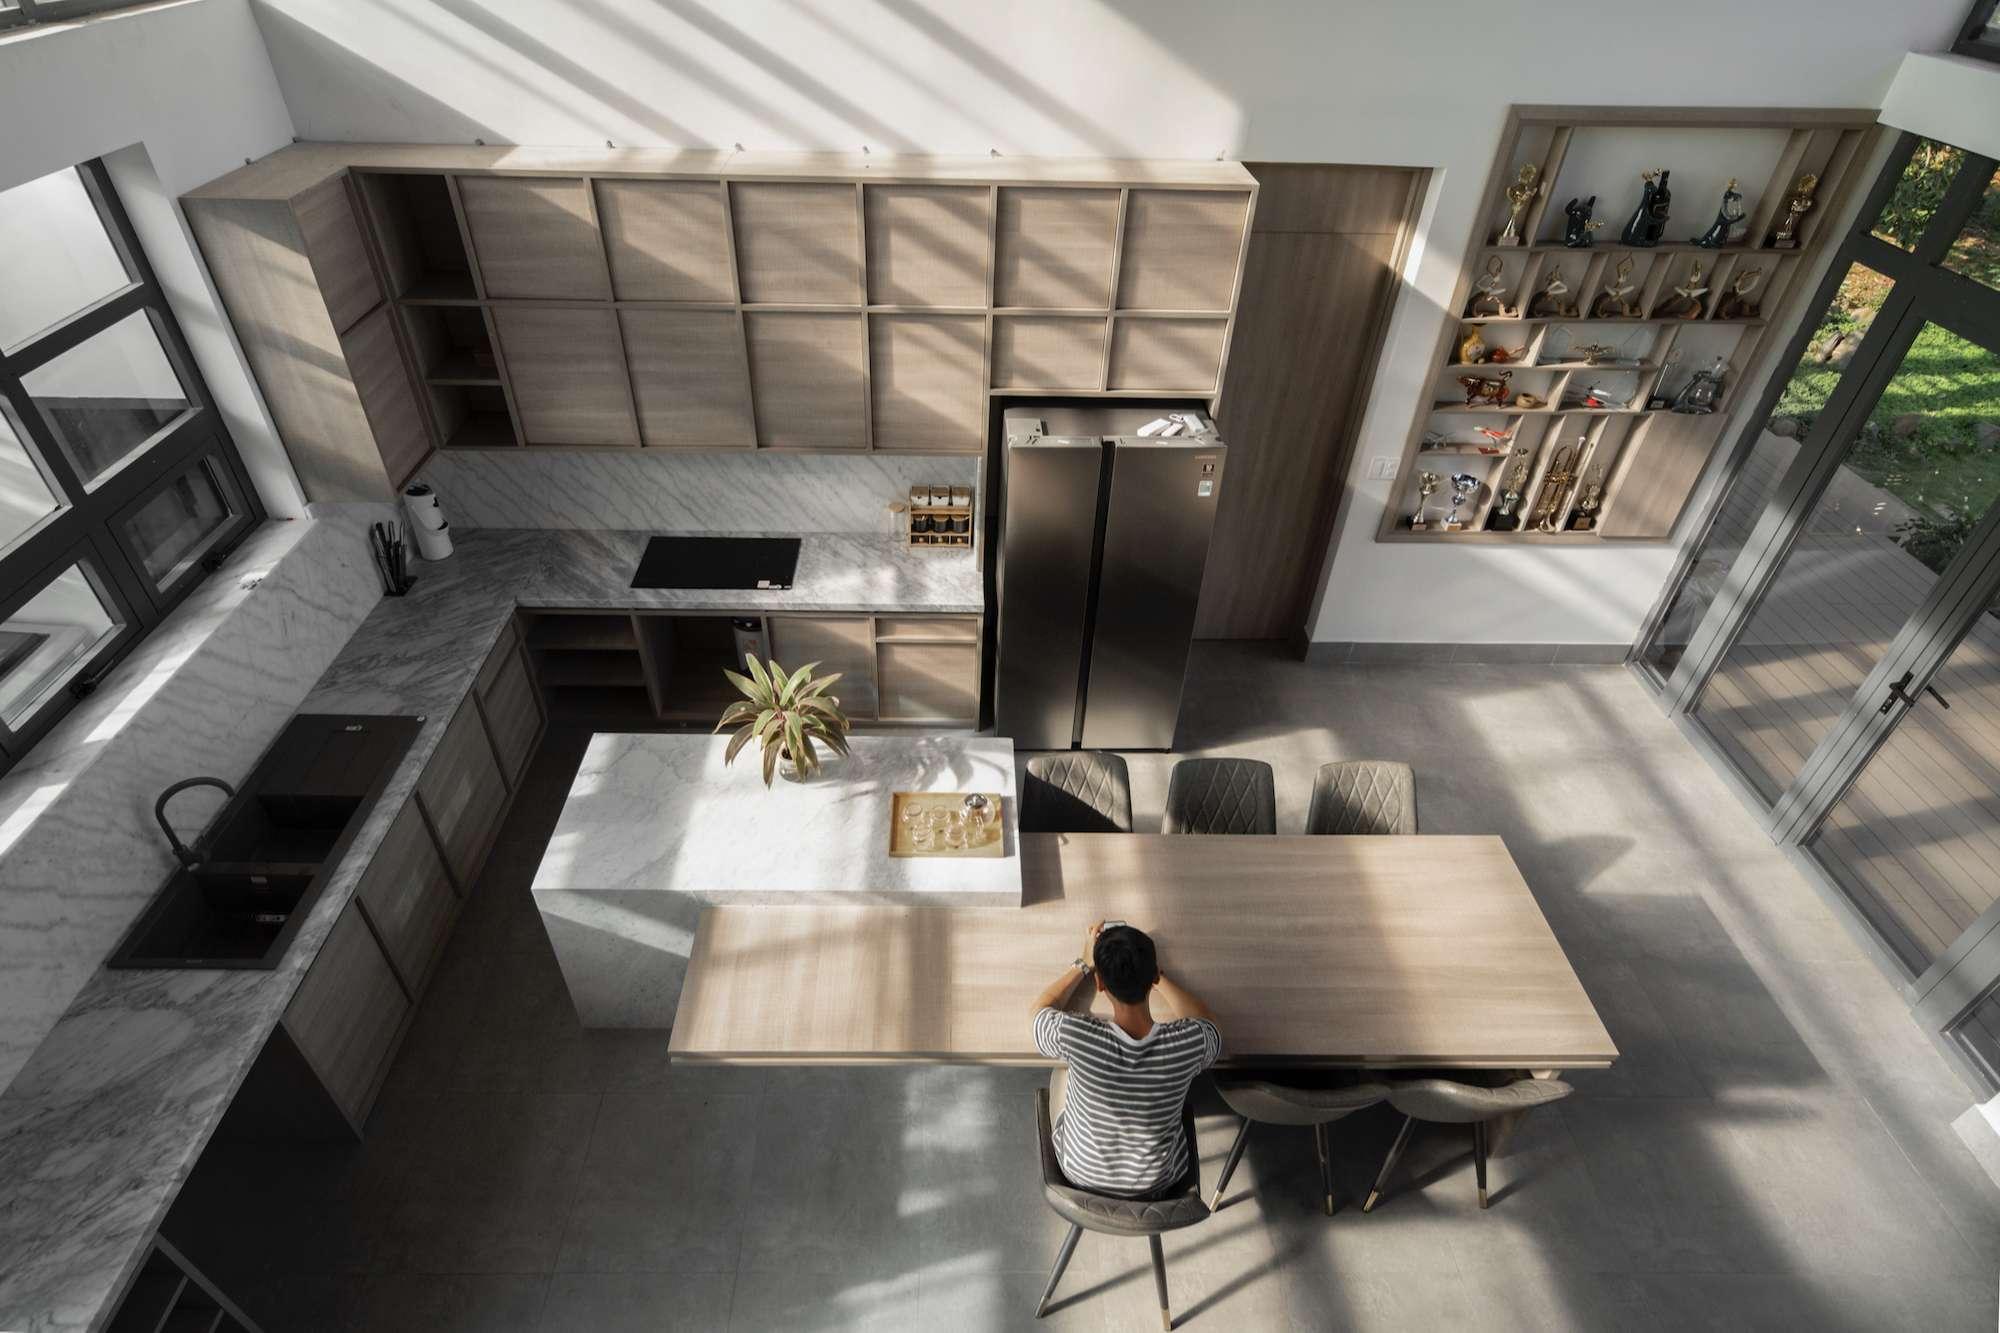 Nhờ thiết kế mái ngói dốc, độ cao của khu vực sinh hoạt chung được nâng lên, giúp không gian thêm thoáng đãng.